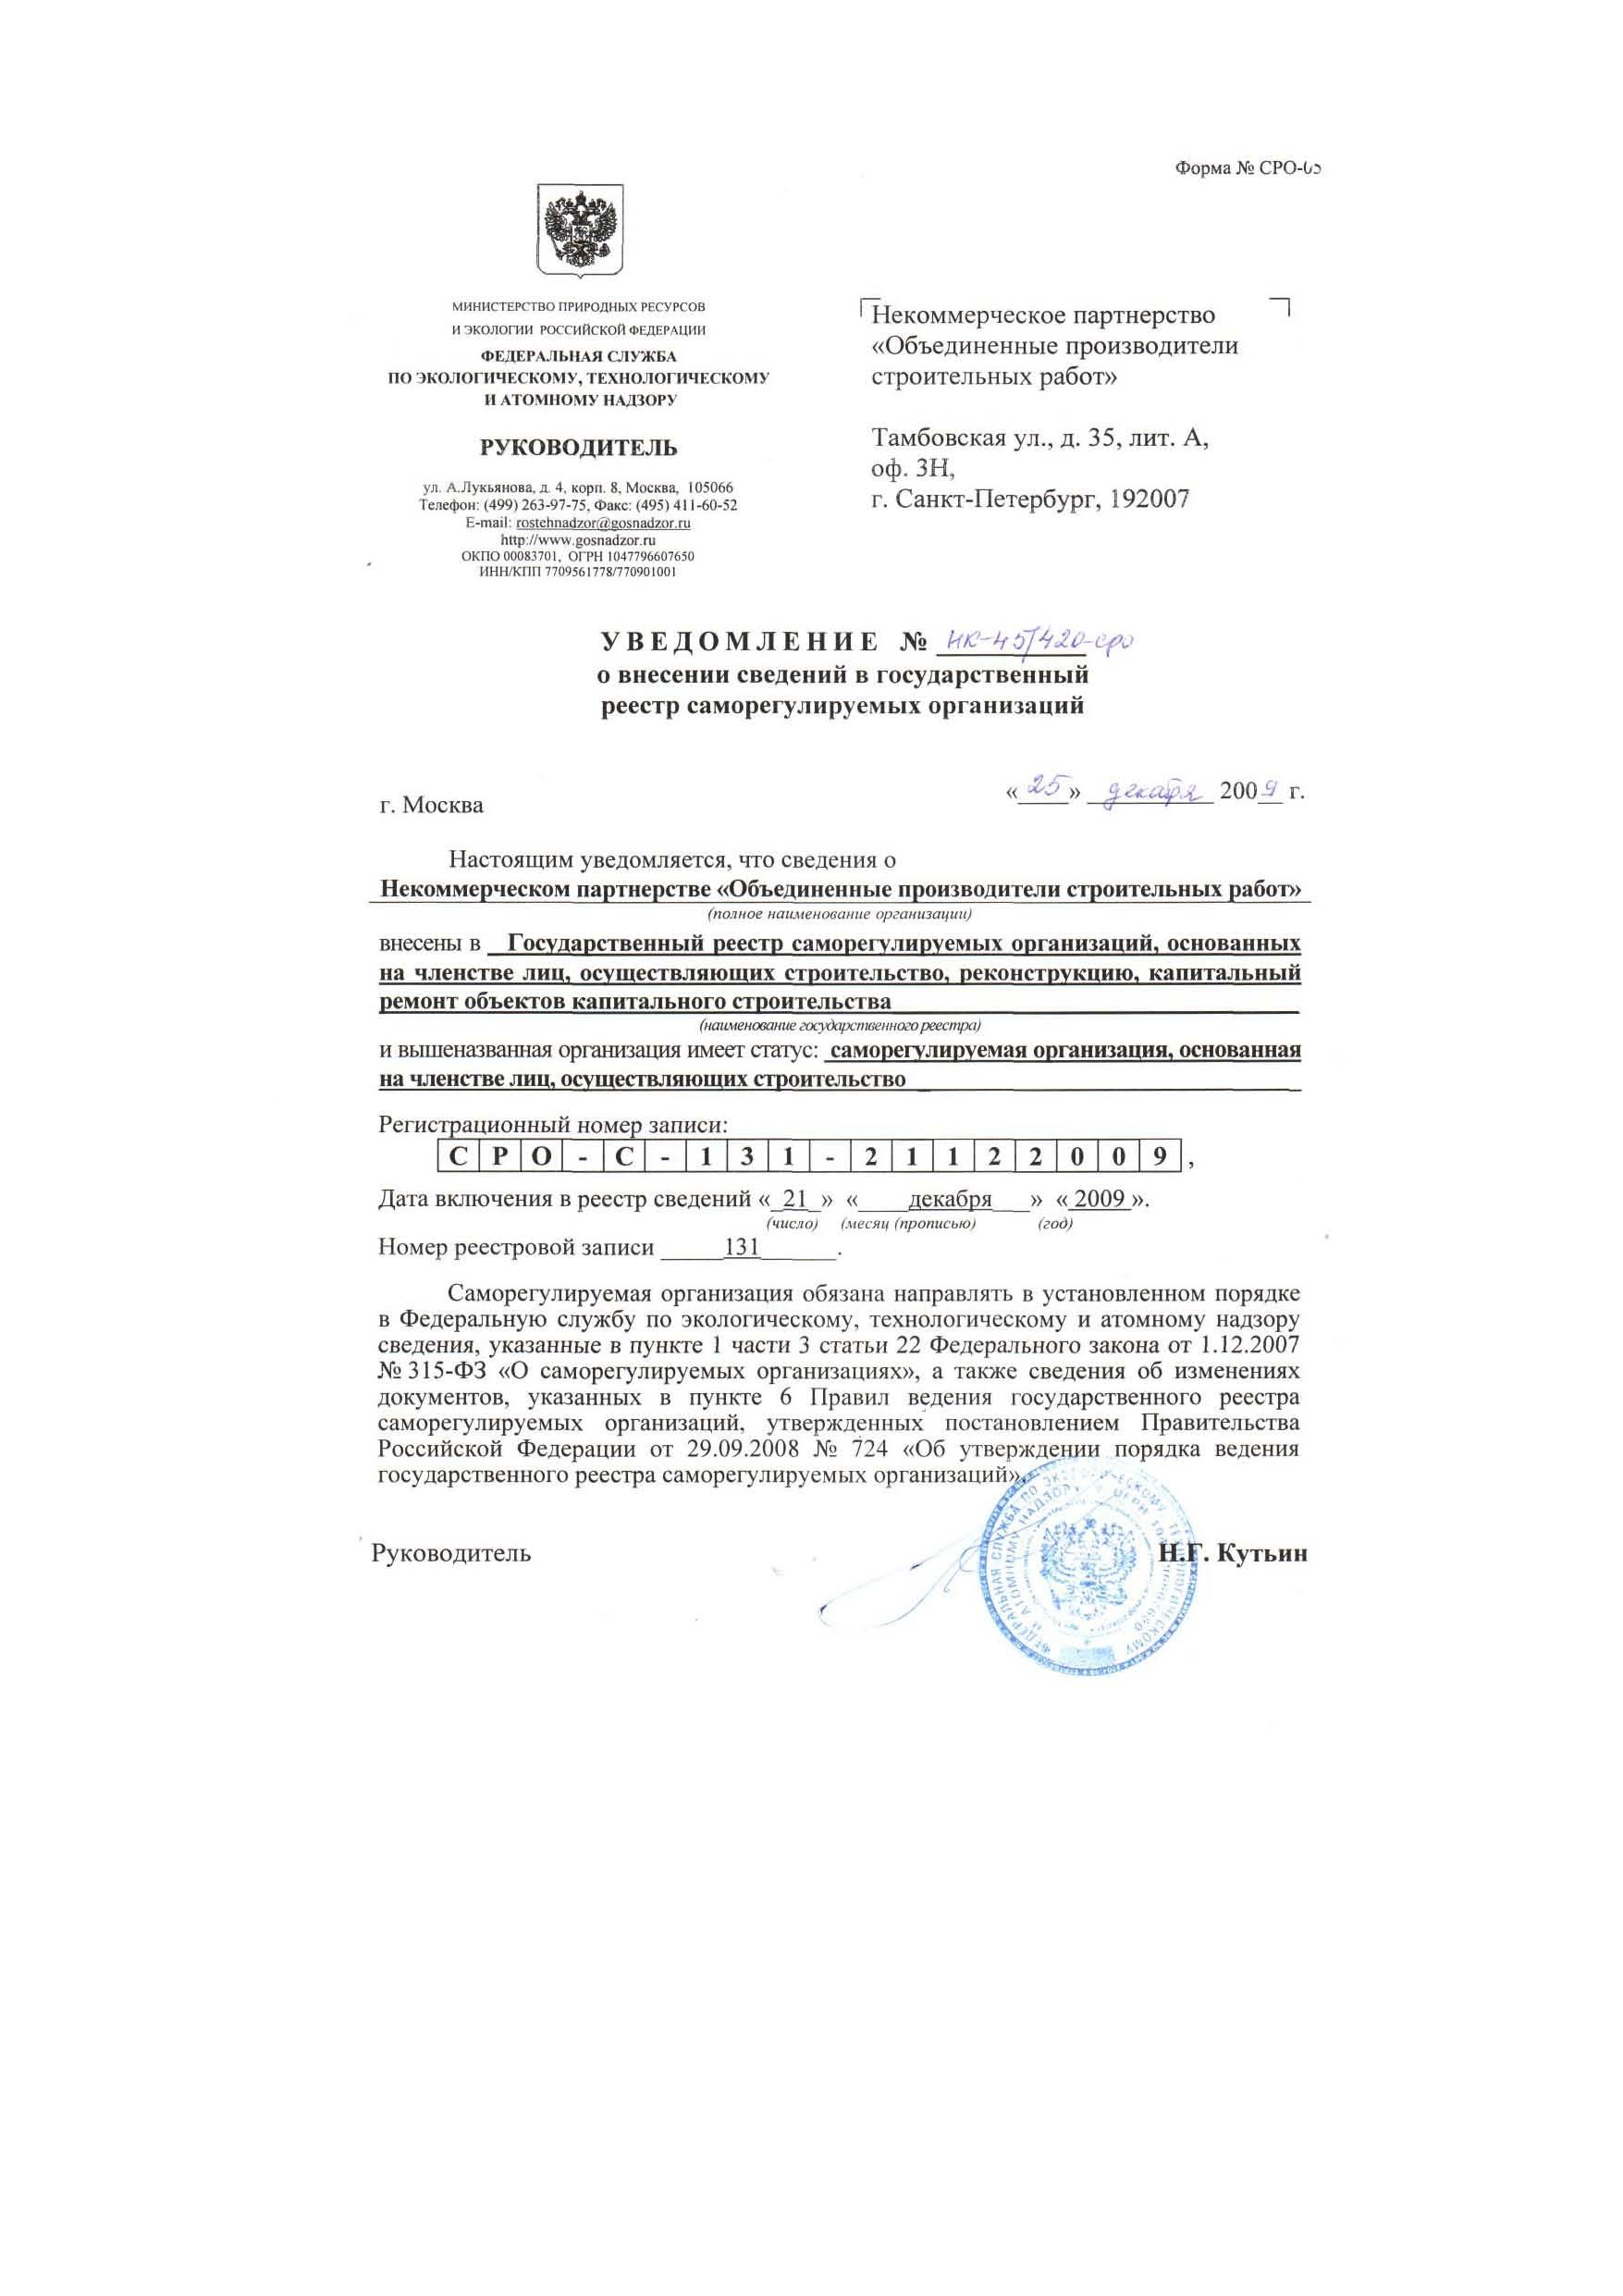 Уведомление №НК-45/420-сро от 25.10.2009